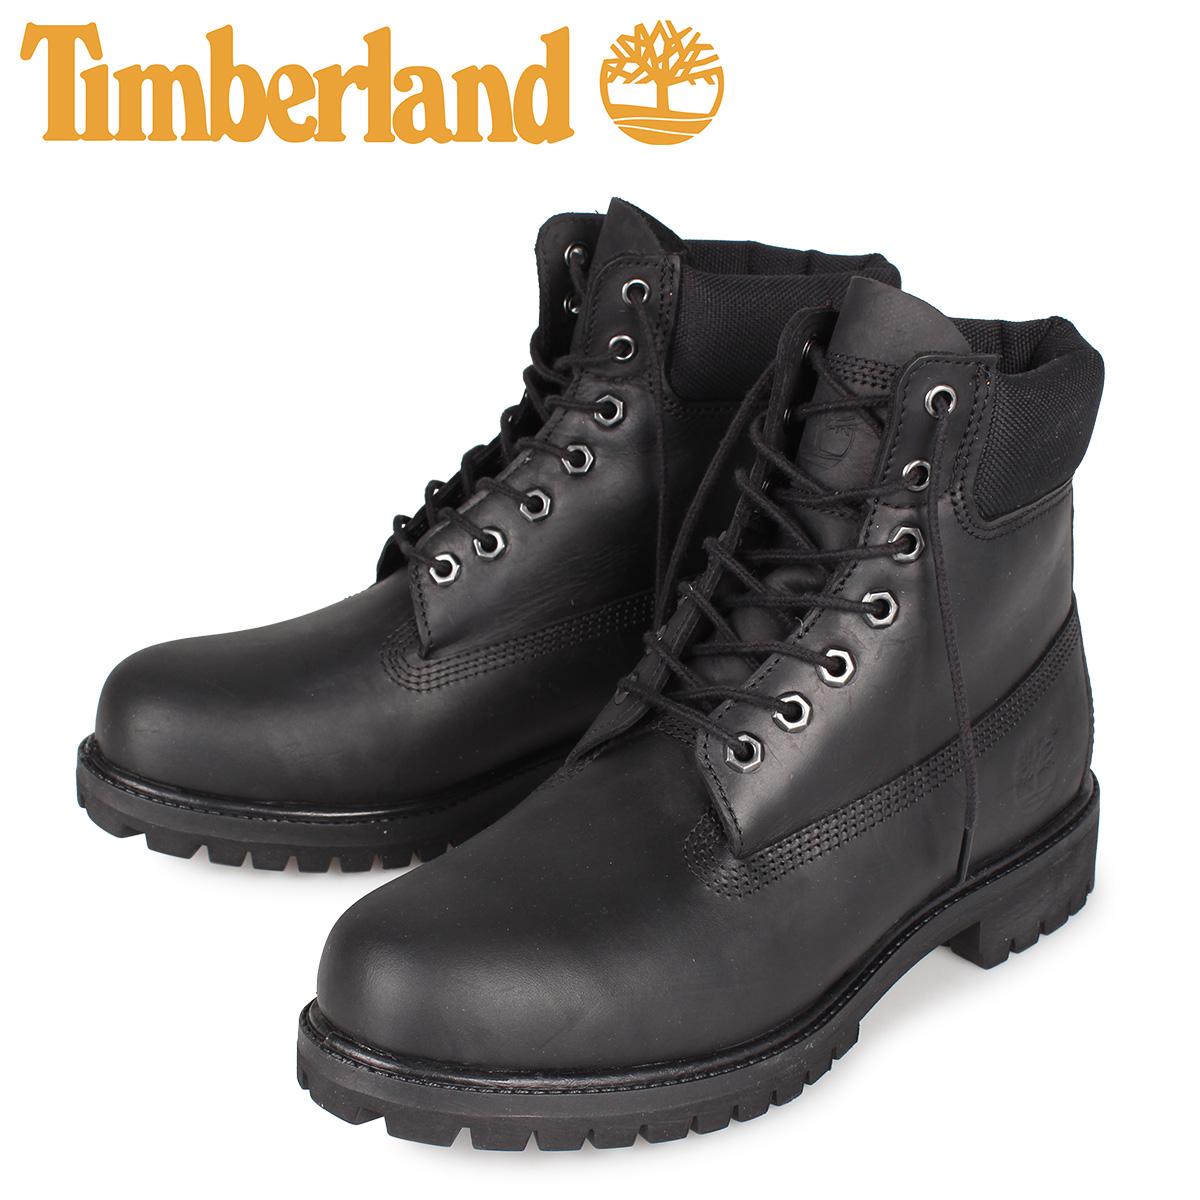 ティンバーランド Timberland 6インチ プレミアム ウォータープルーフ ブーツ メンズ 当店 6INCH PREMIUM WP BOOT ブラック 黒 A2DSW:スニークオンラインショップ